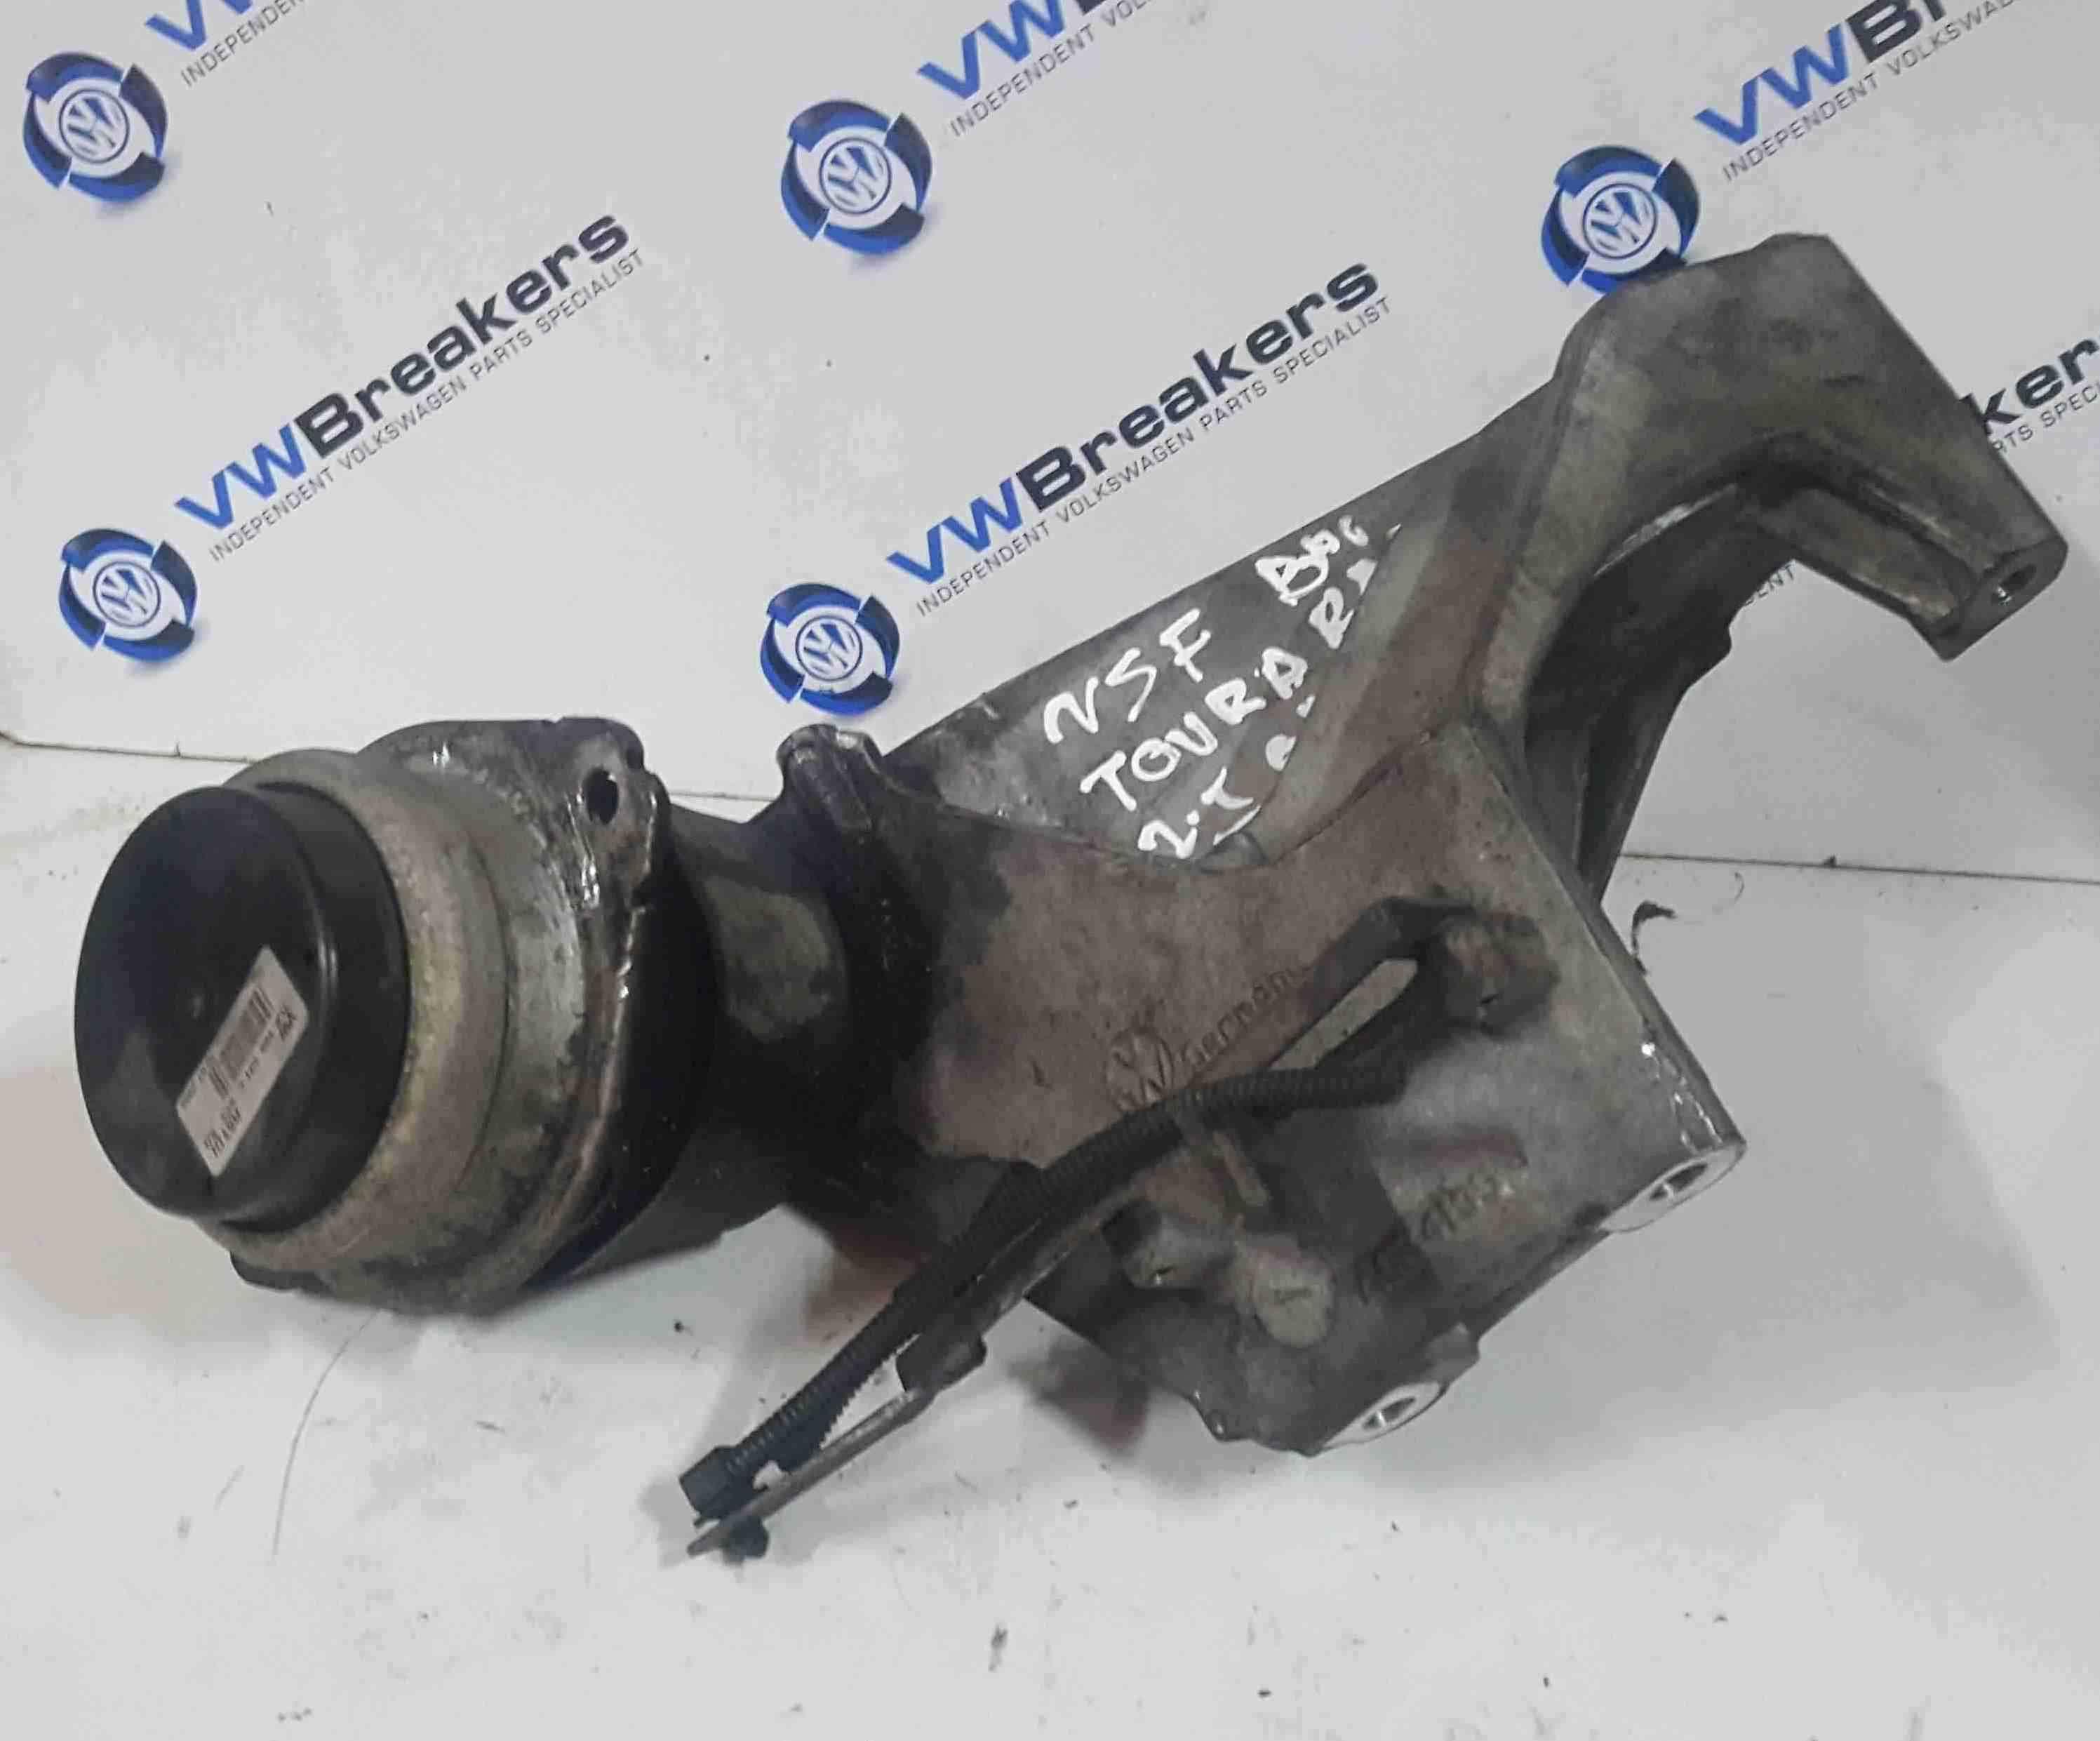 Volkswagen Touareg 2002-2007 Engine Mount Bracket 070199307A